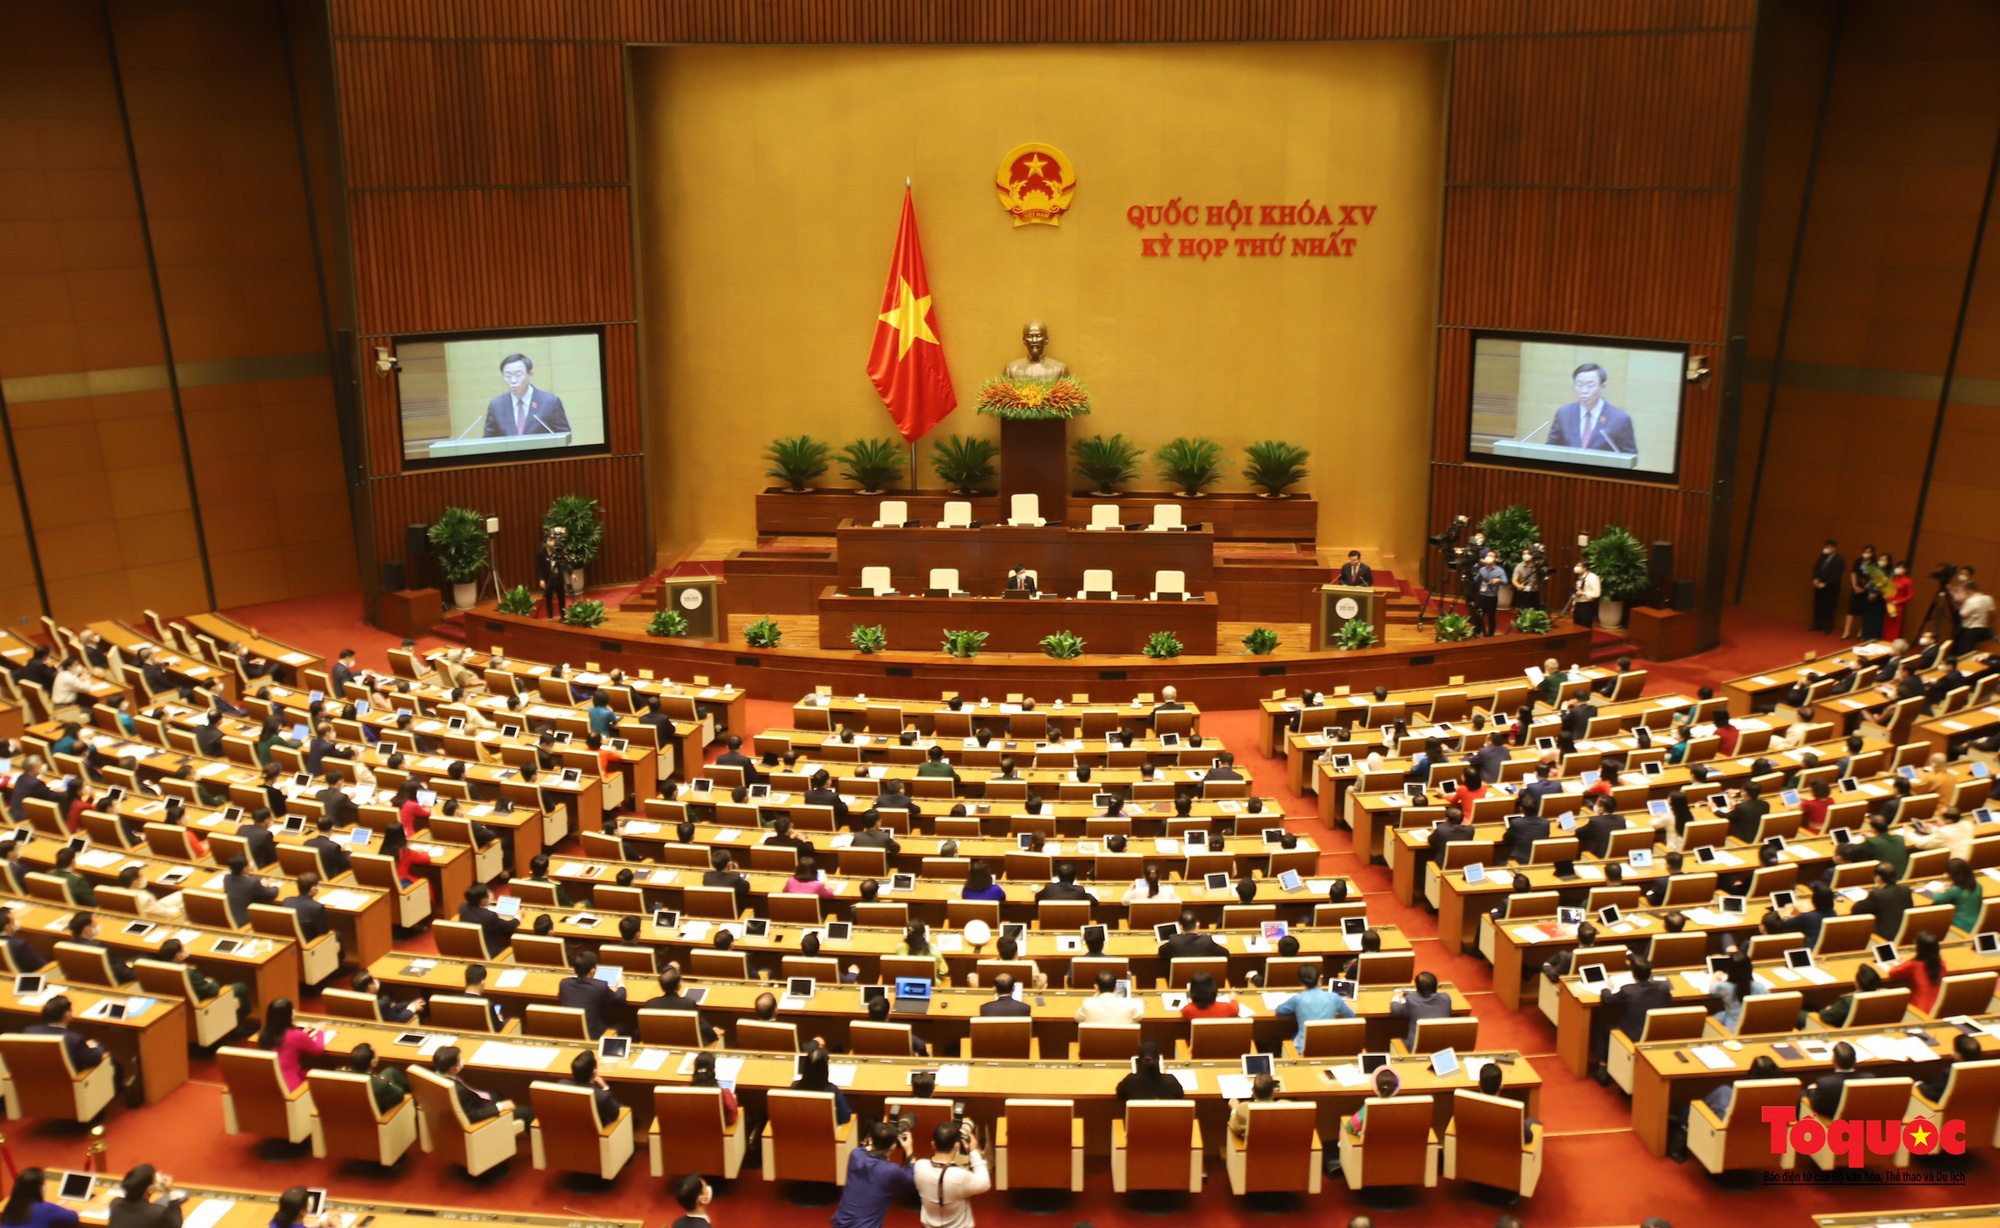 """Kì vọng Quốc hội sẽ hoạt động """"thực chất, thực quyền"""" hơn nữa dưới sự điều hành của Chủ tịch Quốc hội Vương Đình Huệ - Ảnh 3."""